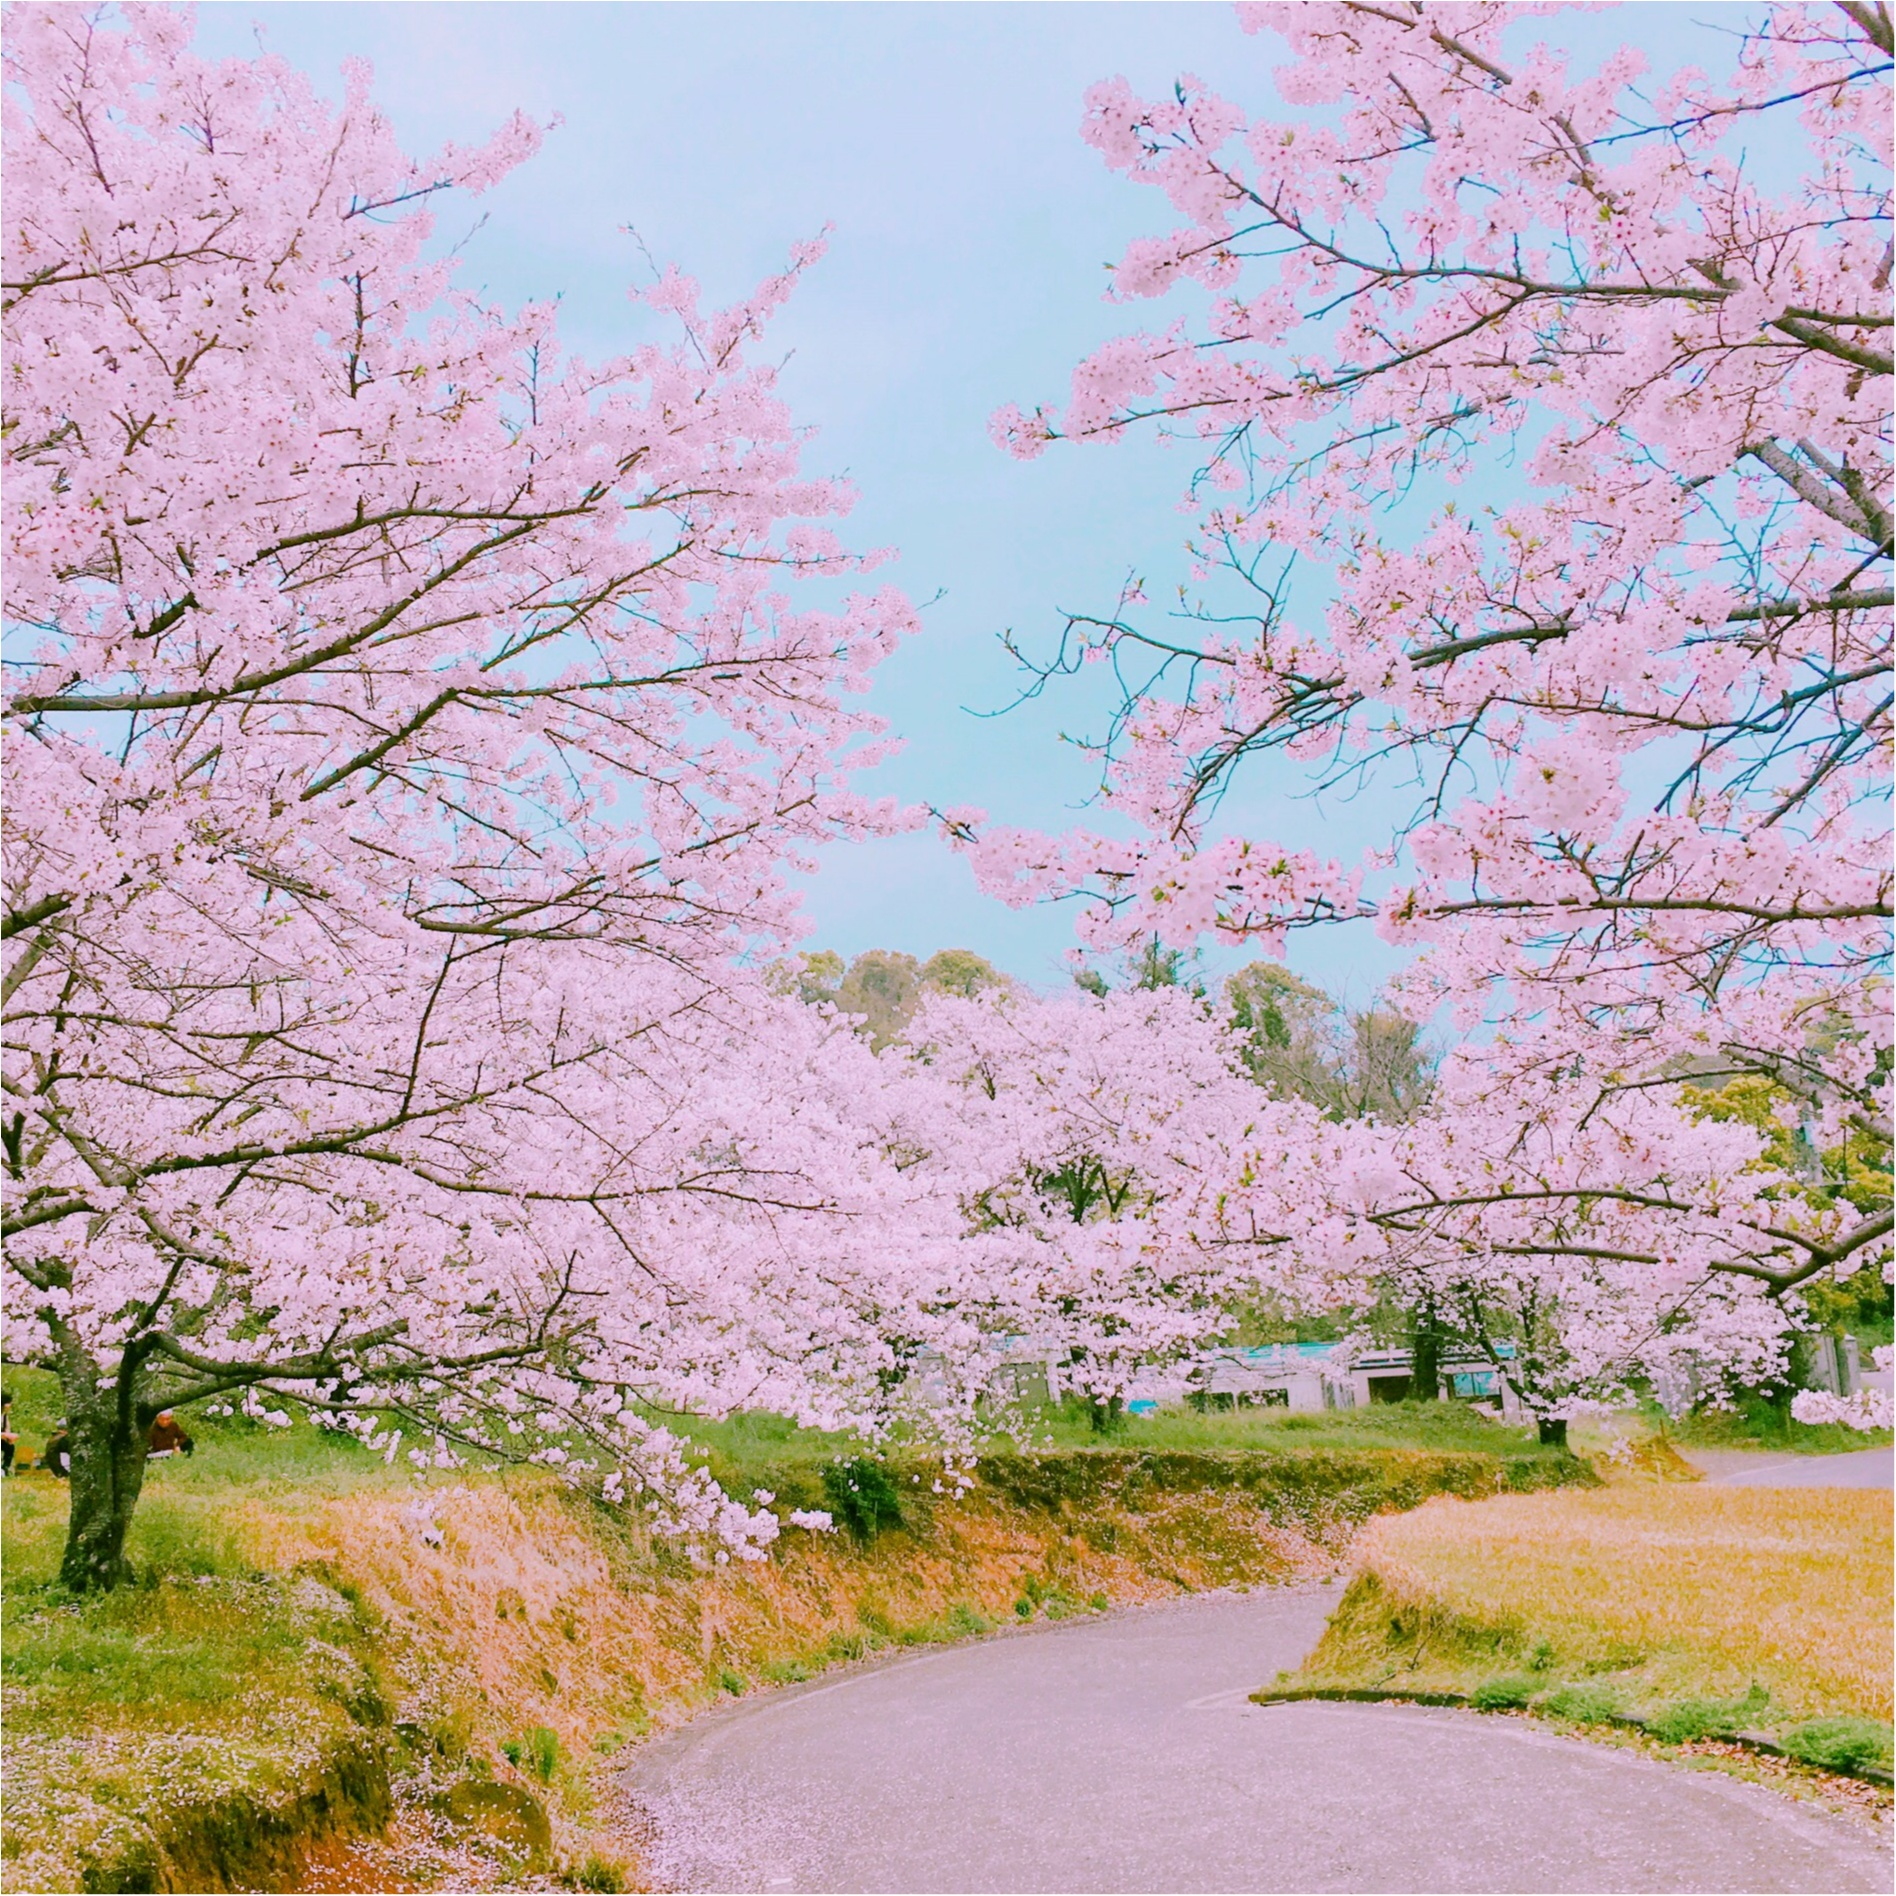 動画でも熊本の魅力を伝えます!!【#モアチャレ 熊本の魅力発信!】_2